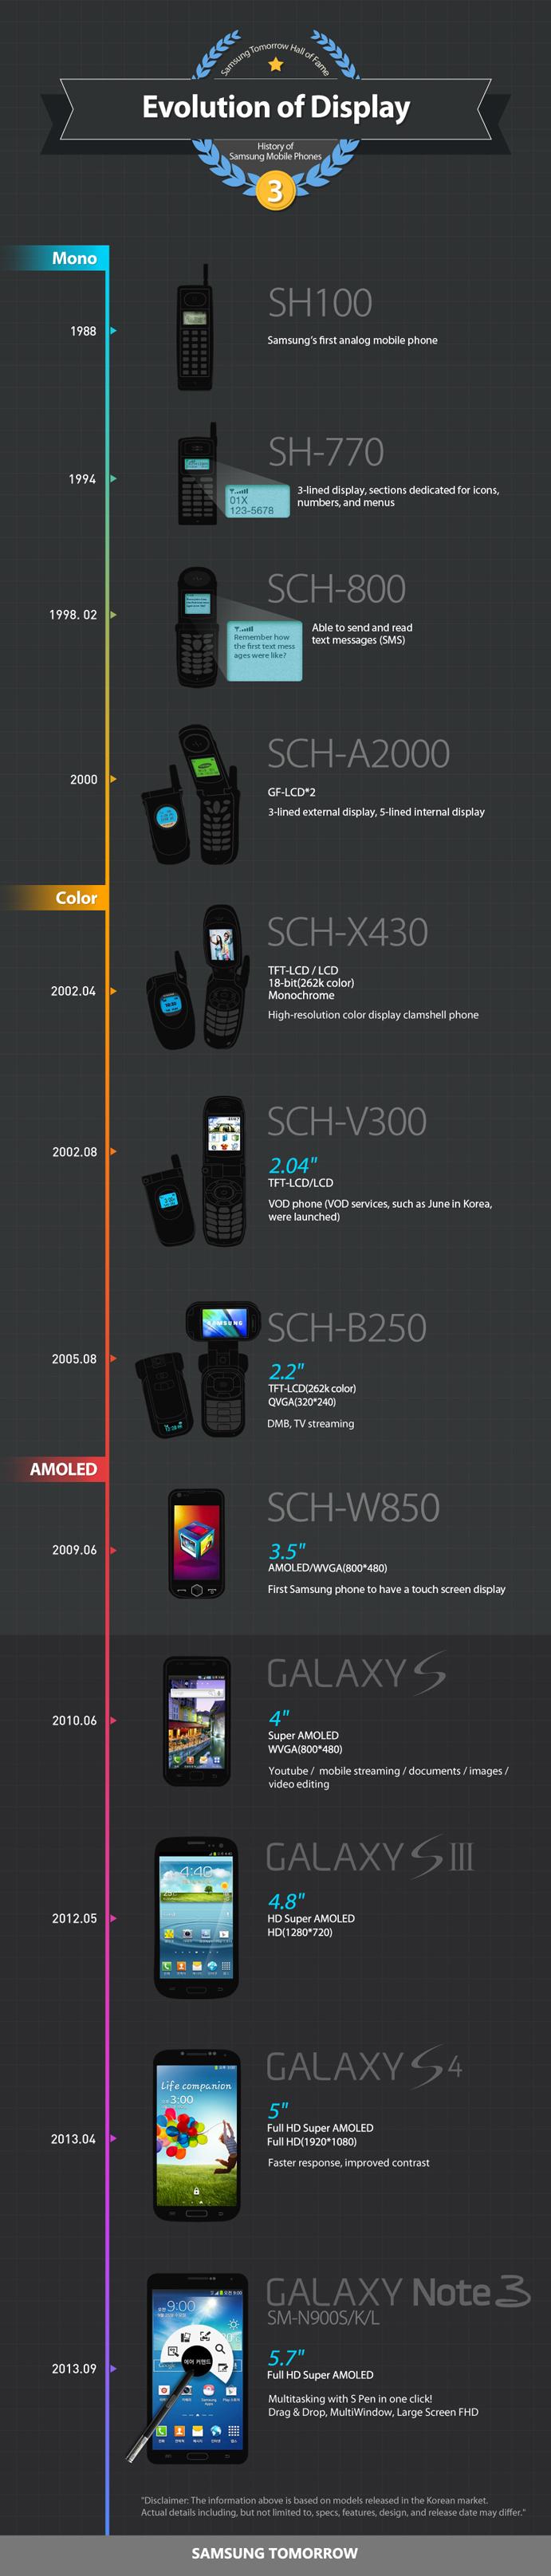 Infographic History of Samsung Mobile Phones Evolution of Display Evolucija displeja mobilnih telefona [infografika]